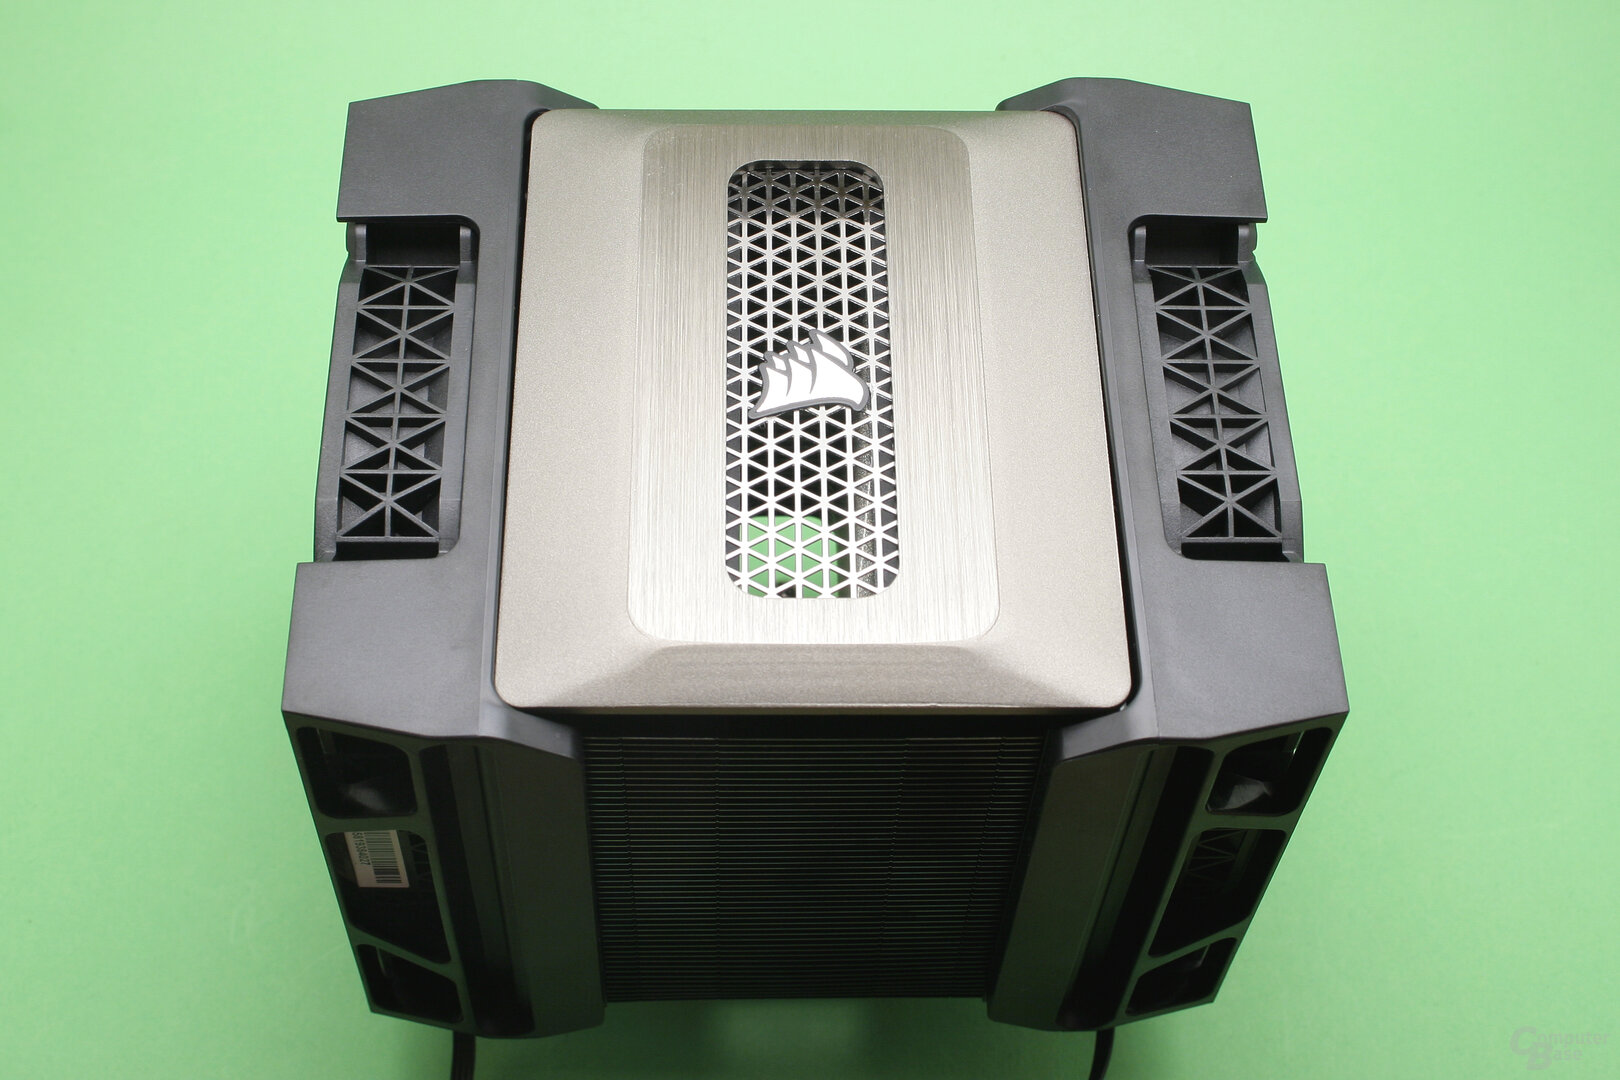 Corsair A500: Großer Luftkühler mit zwei Ventilatoren